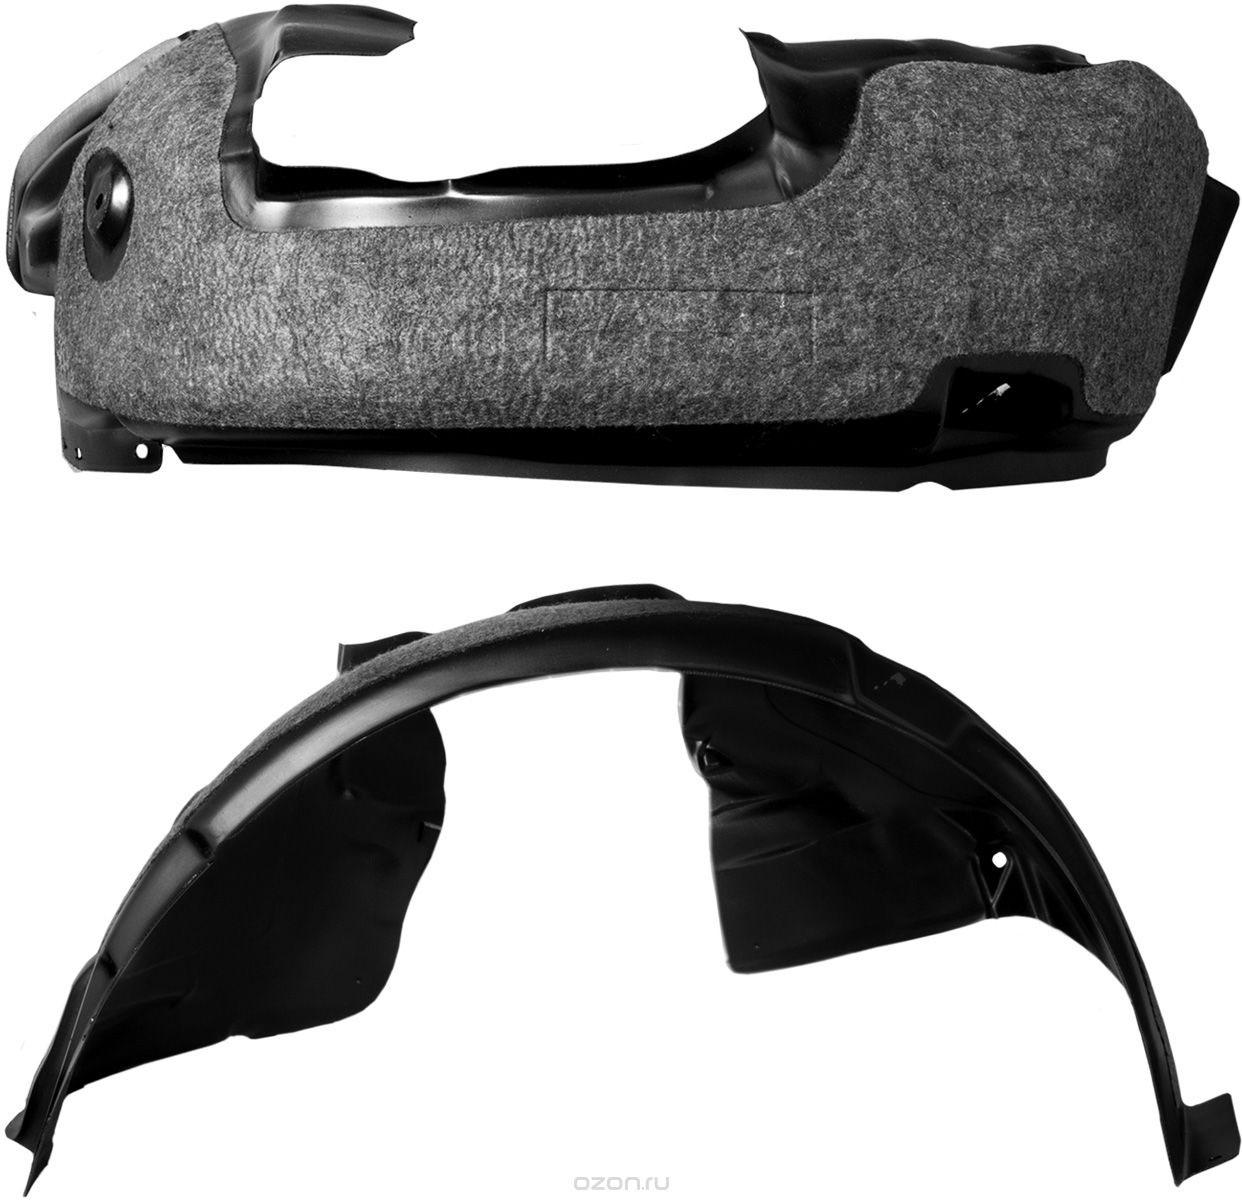 Подкрылок Novline-Autofamily, с шумоизоляцией, для RENAULT Sandero Stepway, 11/2014->, хб., передний правыйDAVC150Идеальная защита колесной ниши. Локеры разработаны с применением цифровых технологий, гарантируют максимальную повторяемость поверхности арки. Изделия устанавливаются без нарушения лакокрасочного покрытия автомобиля, каждый подкрылок комплектуется крепежом. Уважаемые клиенты, обращаем ваше внимание, что фотографии на подкрылки универсальные и не отражают реальную форму изделия. При этом само изделие идет точно под размер указанного автомобиля.